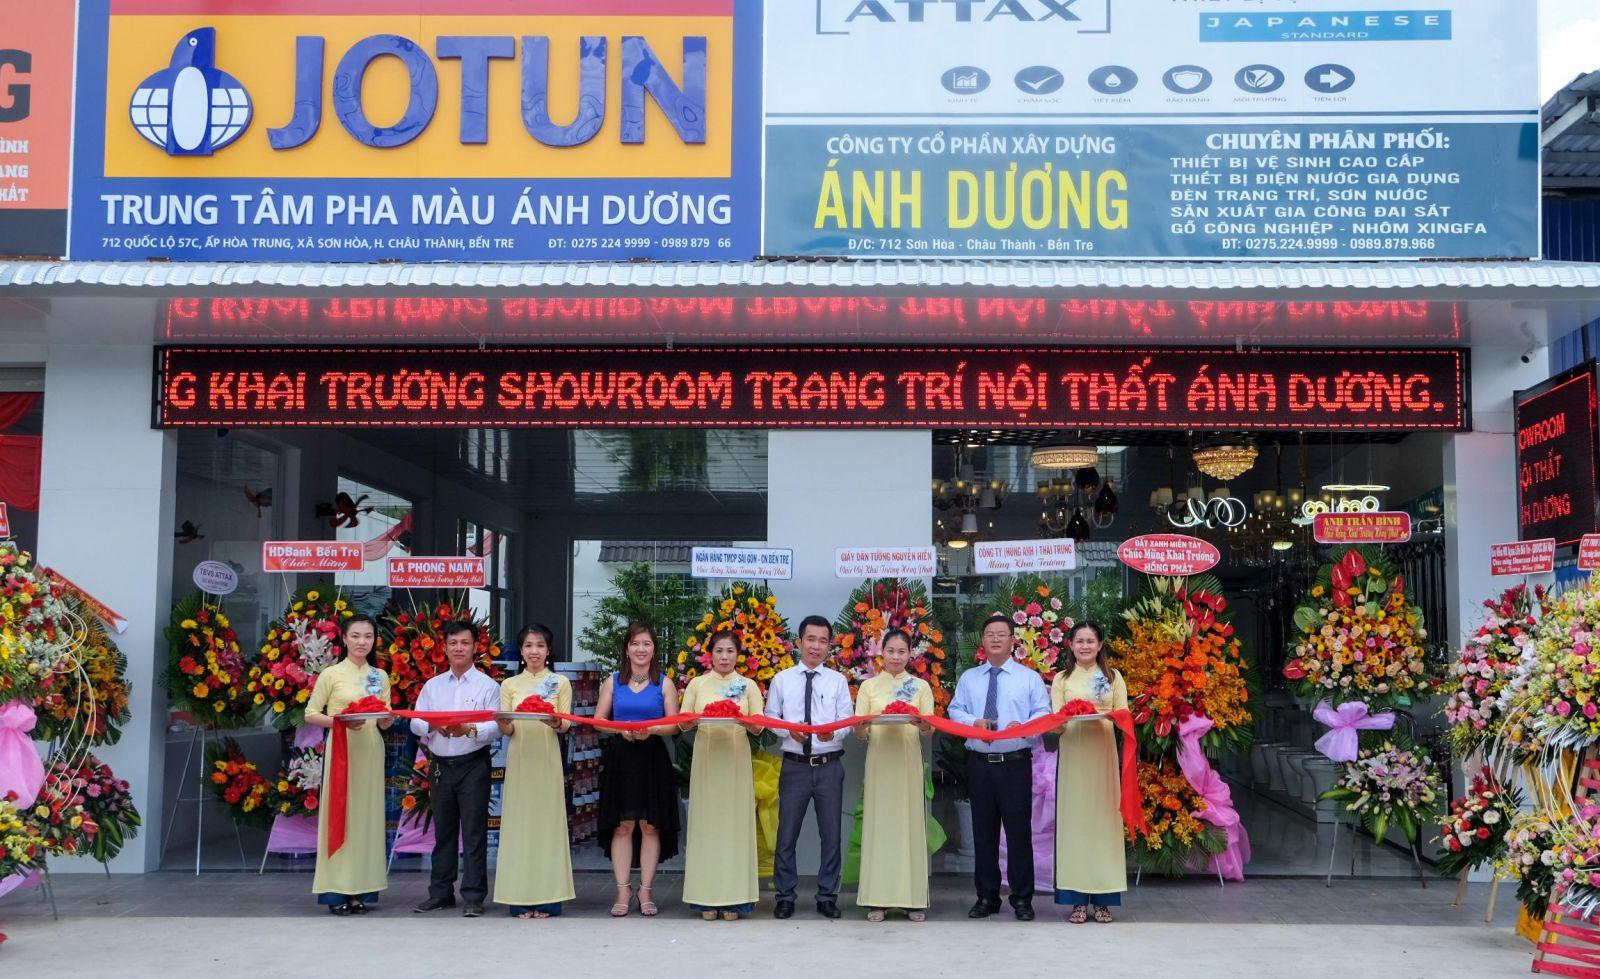 Cắt băng khai trương showroom Ánh Dương - địa chỉ mua sắm nội thất uy tín của khách hàng tại Bến Tre.